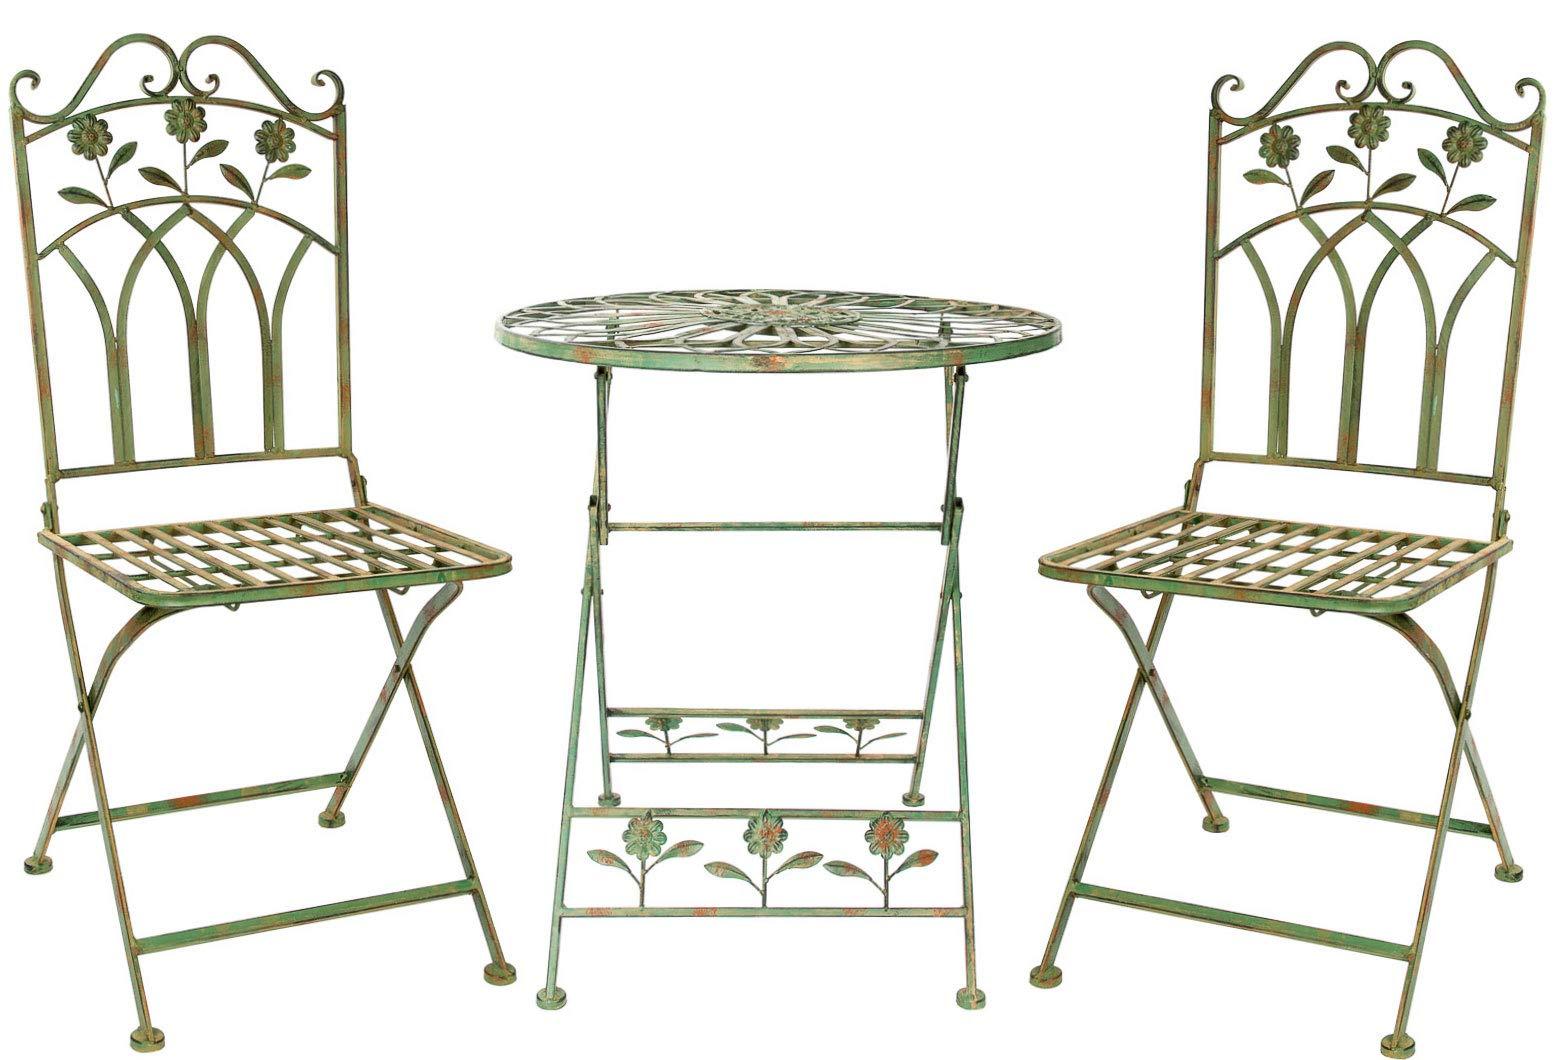 Establecer Juego jardín de Hierro Muebles de jardín de Estilo Antiguo de: Amazon.es: Jardín